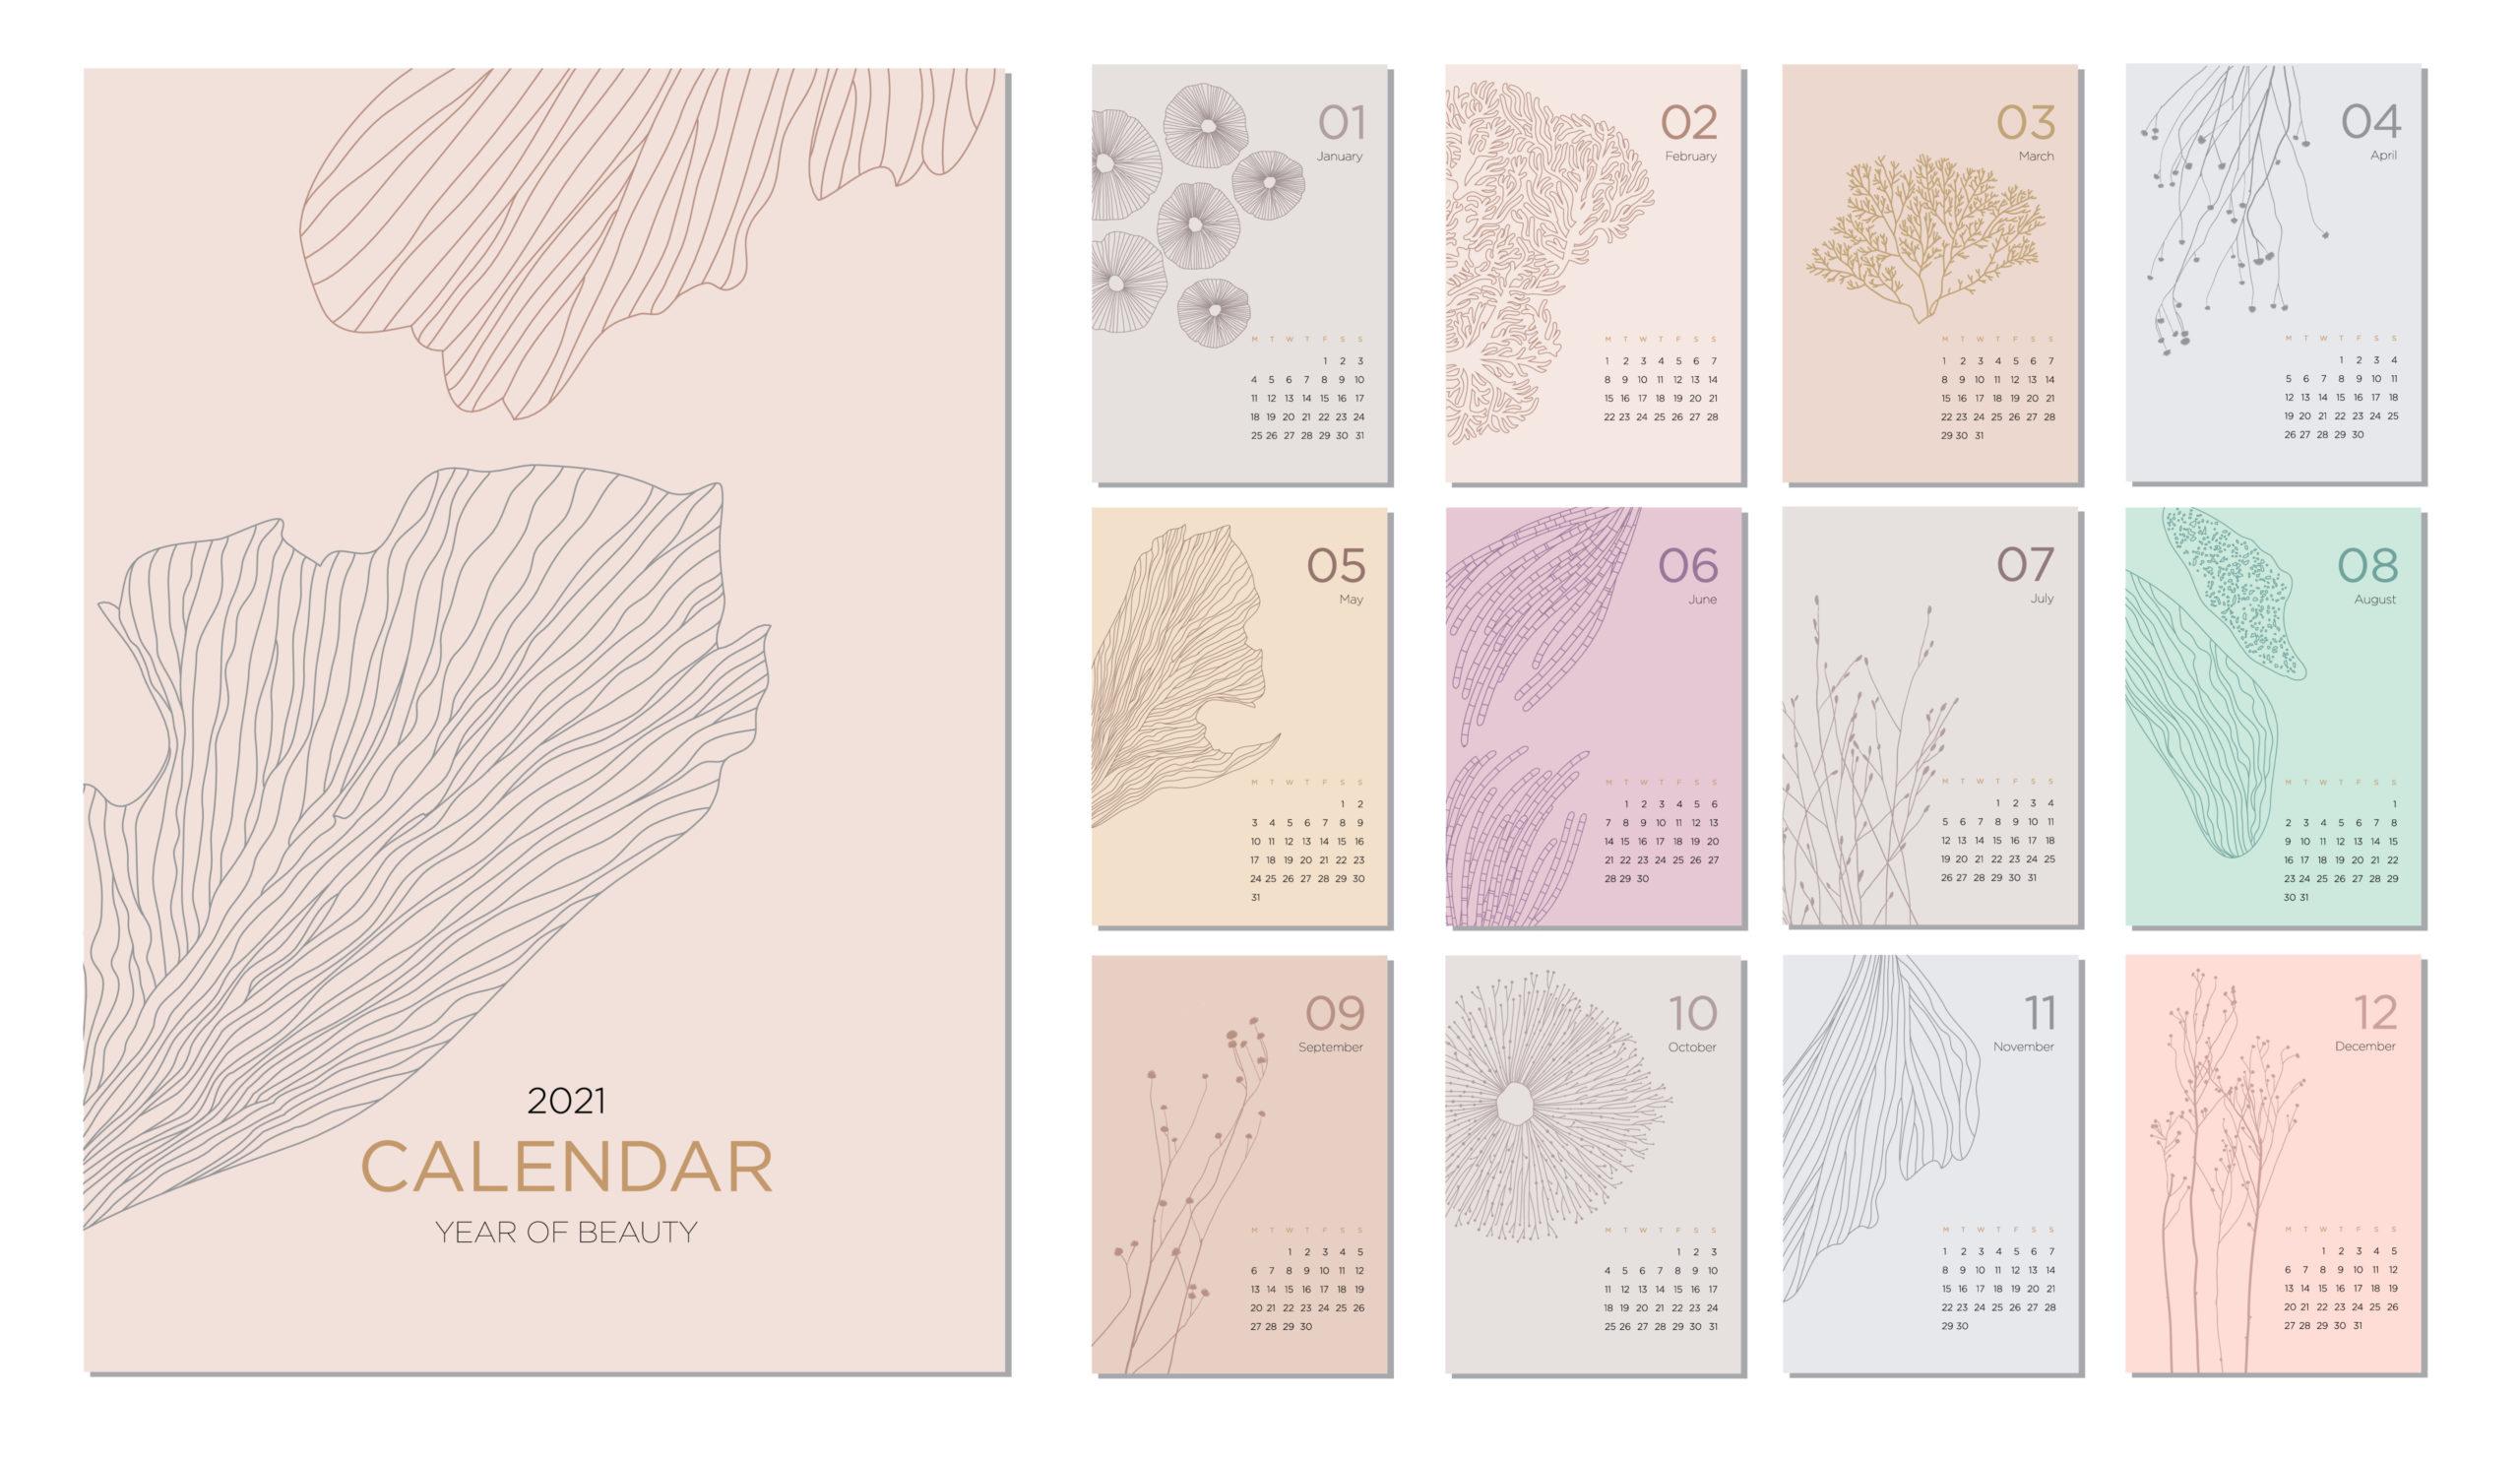 Kalender gestalten lassen